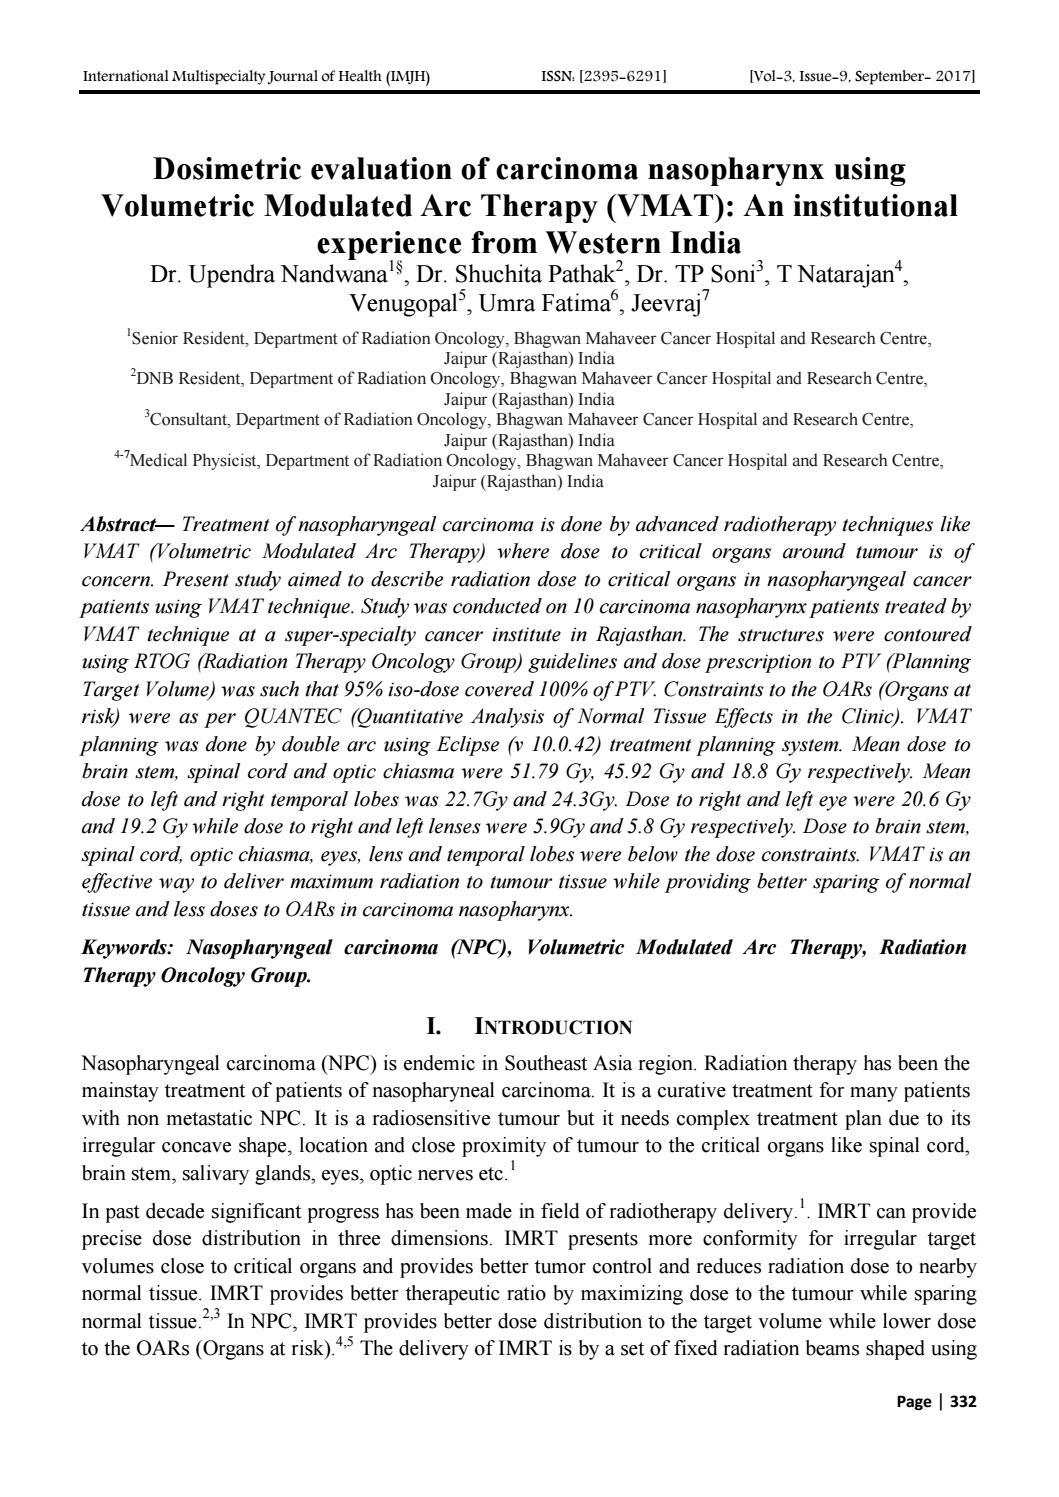 Dosimetric evaluation of carcinoma nasopharynx using